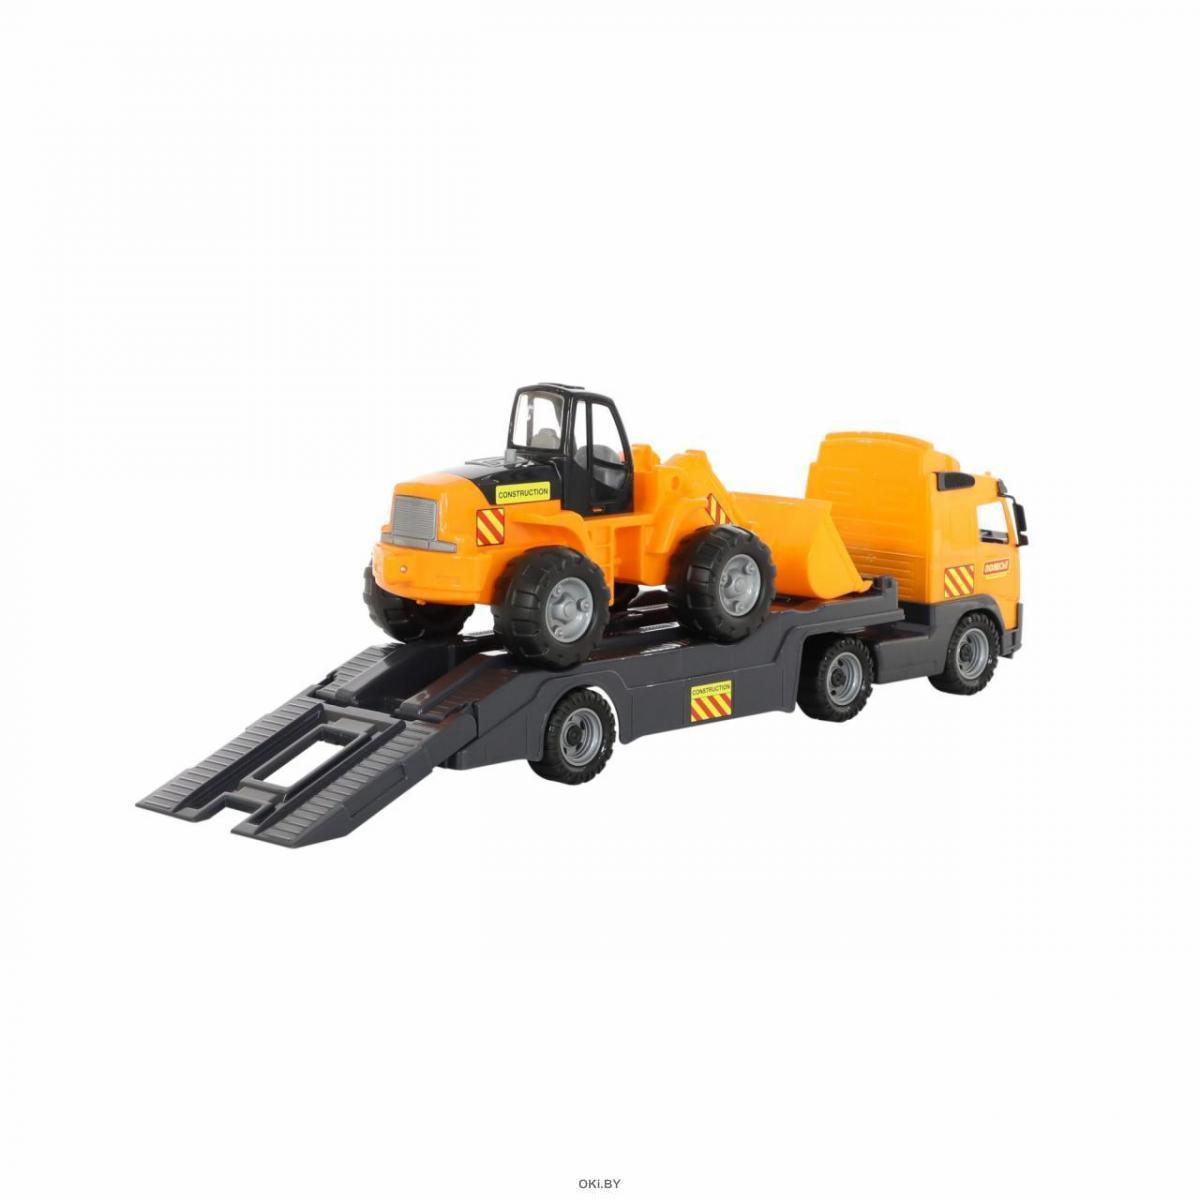 Купить «Volvo», автомобиль-трейлер + трактор-погрузчик (в ...